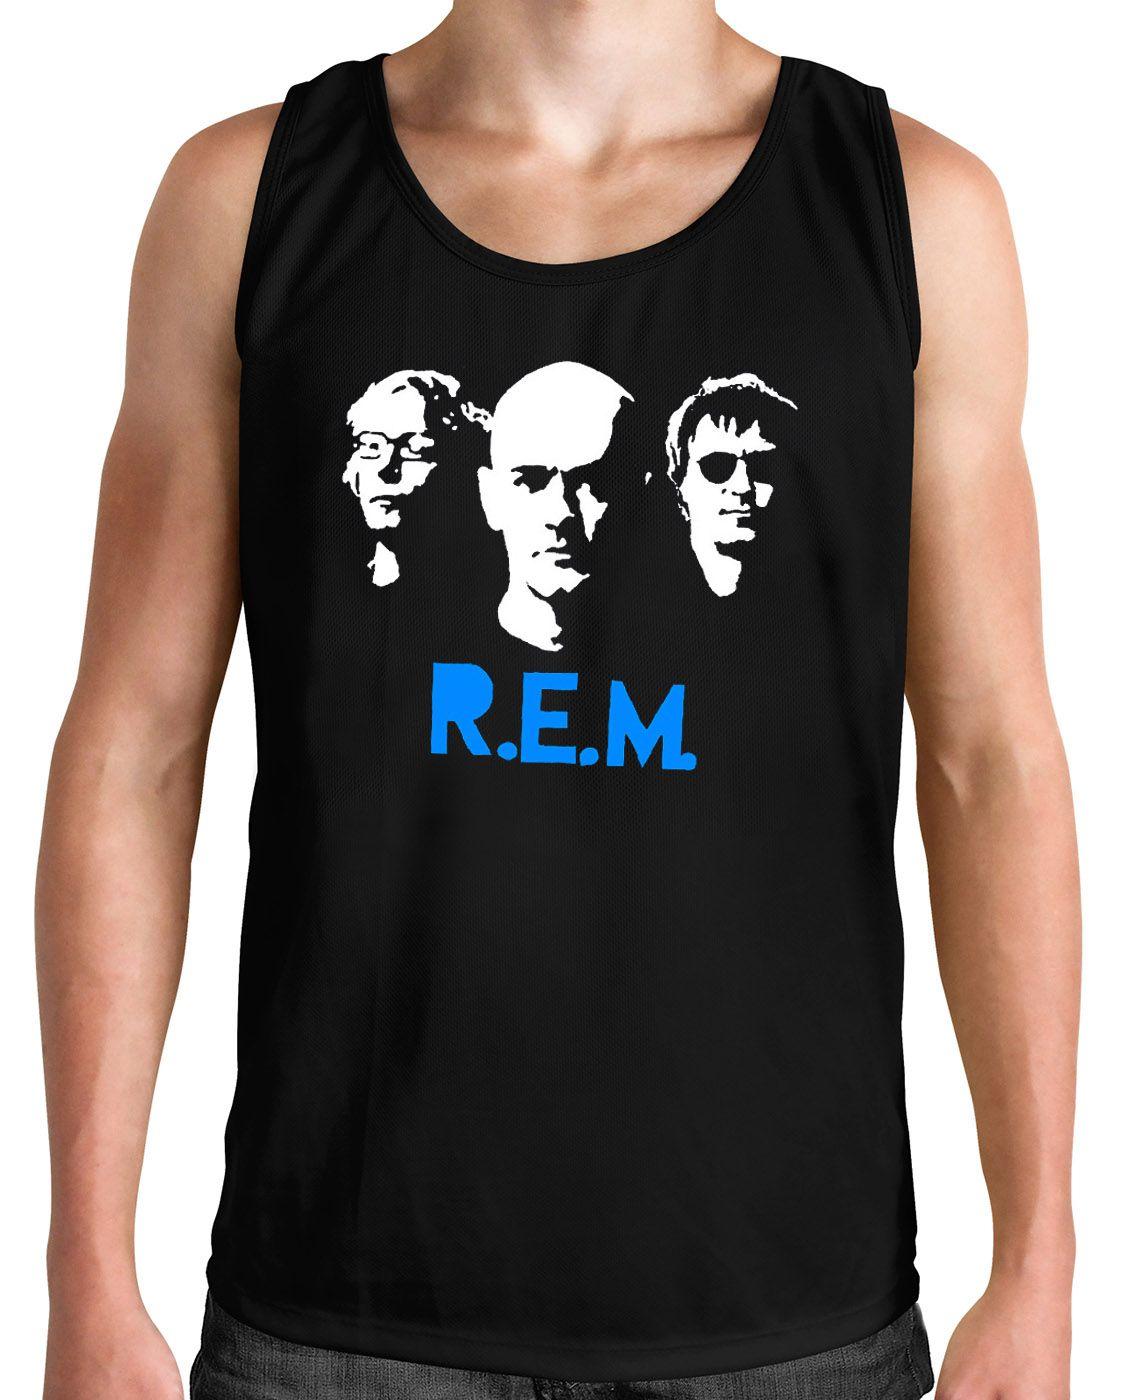 Regata R.E.M. - Preto  - HShop